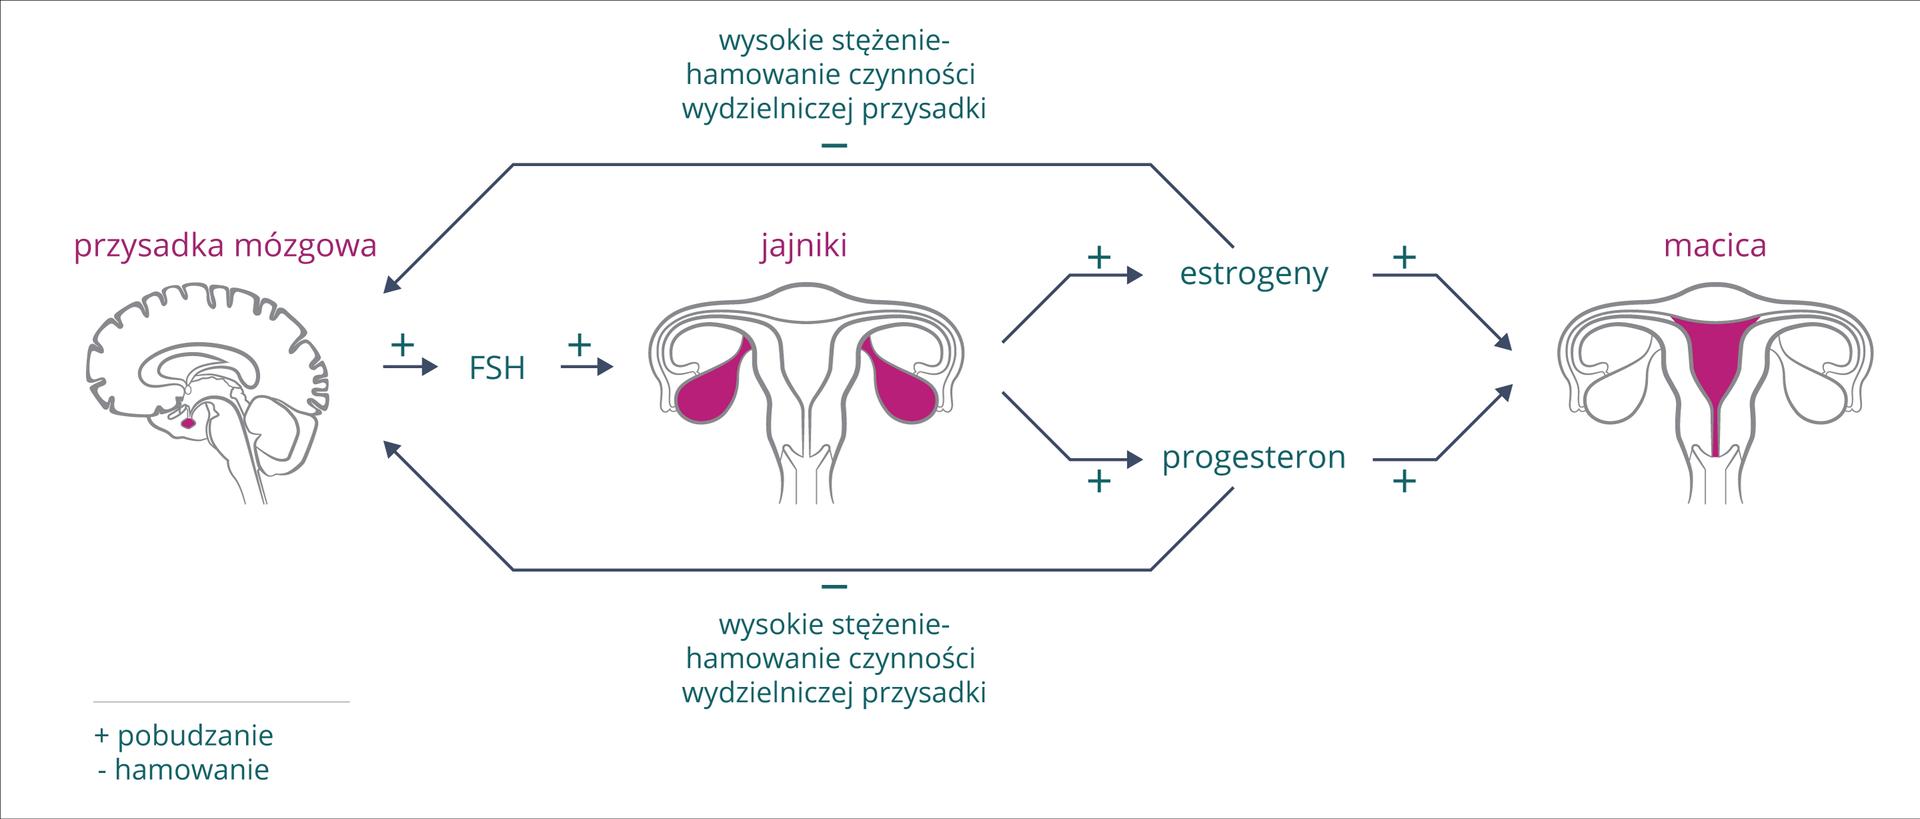 Schemat przedstawia sposób regulacji hormonalnej cyklu miesiączkowego. Znak plus oznacza pobudzanie, znak minus hamowanie. Zlewej szary obrys mózgu zkarmazynową przysadką mózgową. Wprawo pozioma strzałka, hormon FSH zprzysadki pobudza jajniki, na środkowym rysunku zaznaczone kolorem. Jajniki produkują estrogeny iprogesteron, wpływające pobudzająco na macicę (zaznaczona kolorem) . Jednocześnie estrogeny iprogesteron hamują wydzielanie przysadki mózgowej (długie strzałki ugóry iudołu).